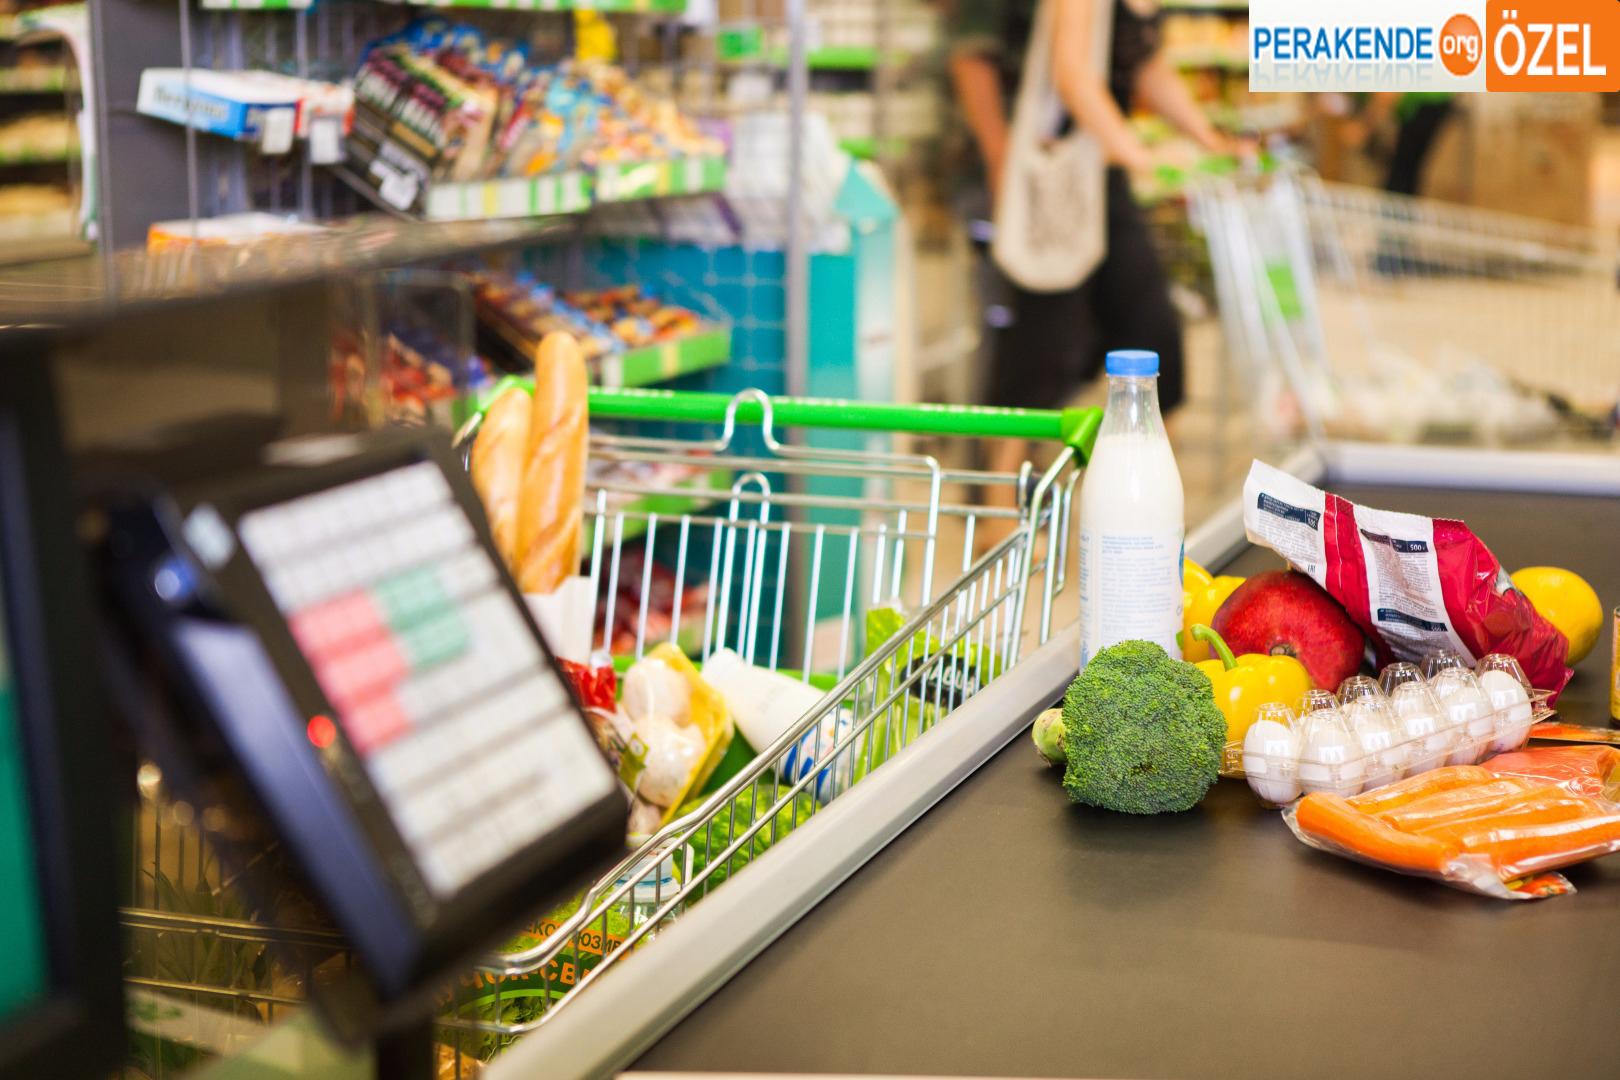 Organize perakende, pazarlar ve alışverişçiler